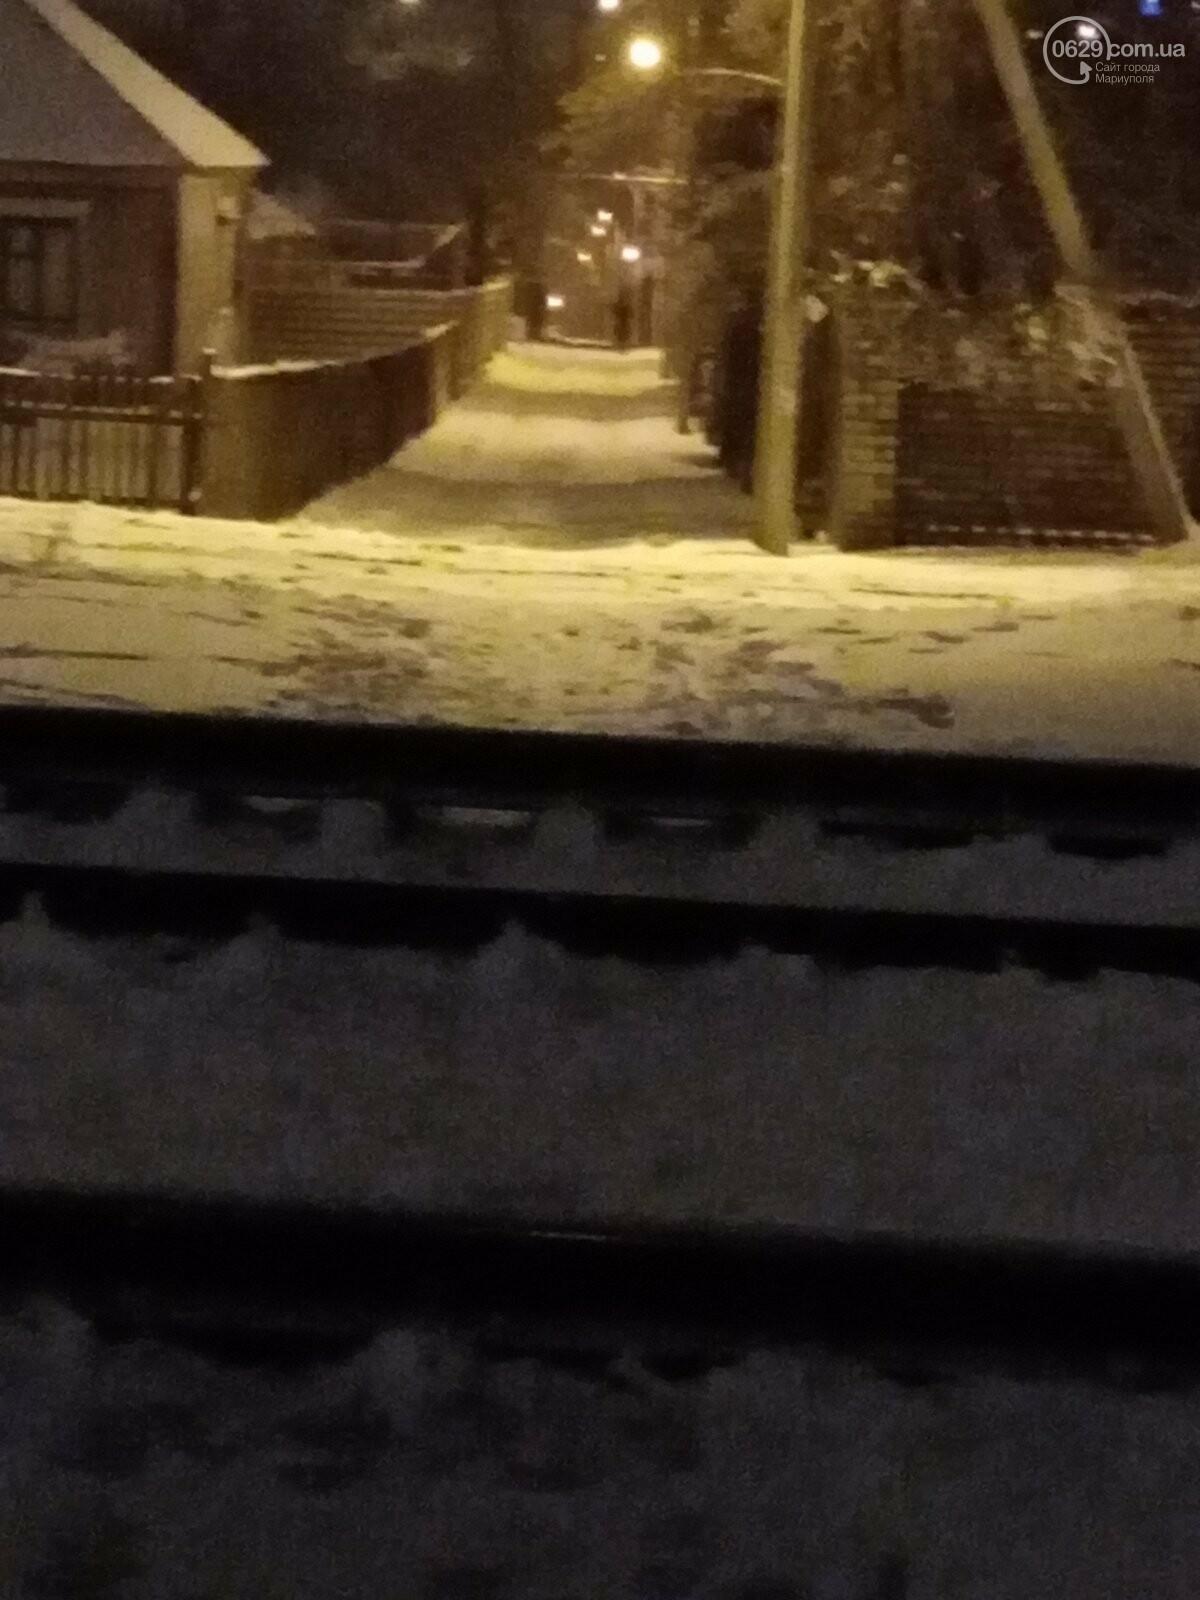 В Мариуполе поезд насмерть сбил человека, - ФОТО, фото-6